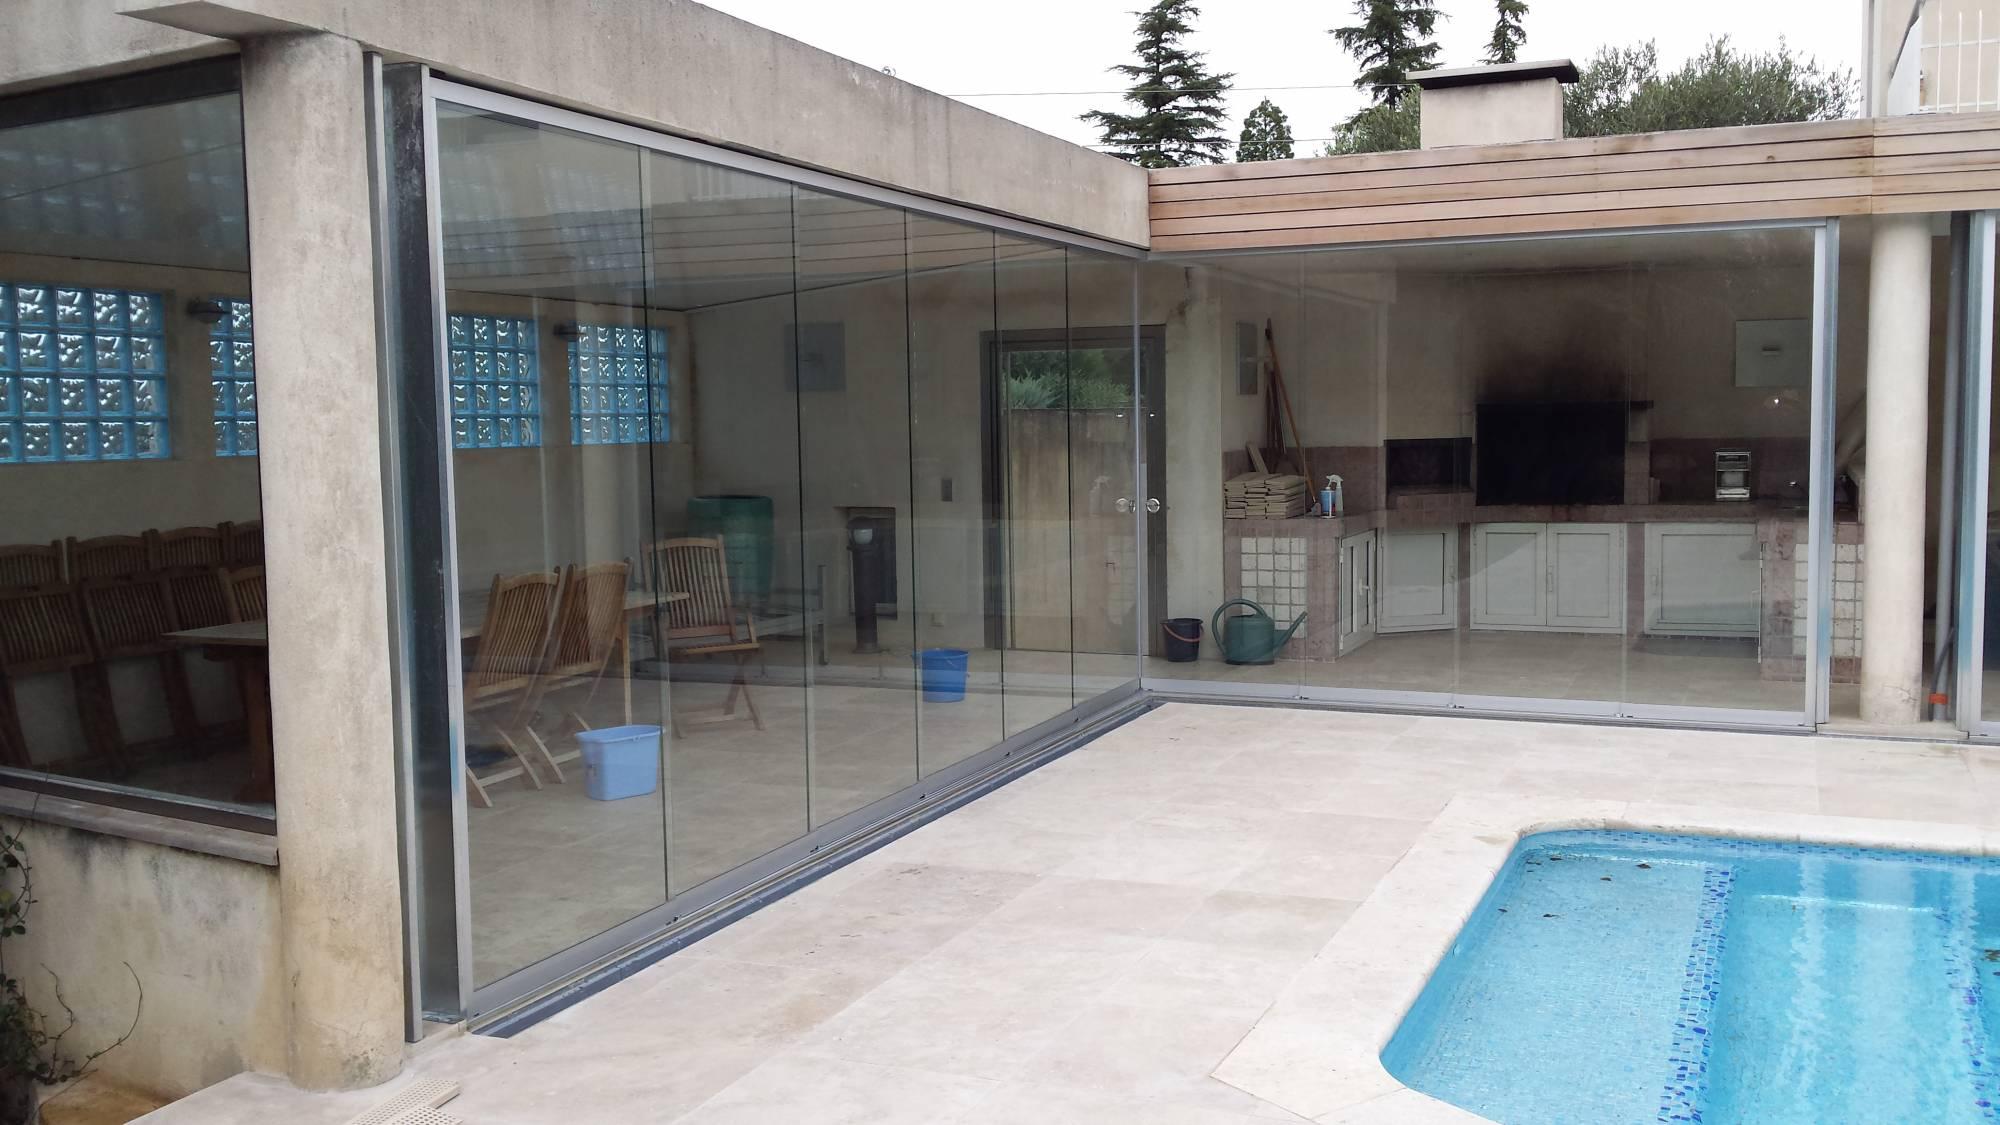 pose de store banne pour protection de terrasse avignon afp 13. Black Bedroom Furniture Sets. Home Design Ideas